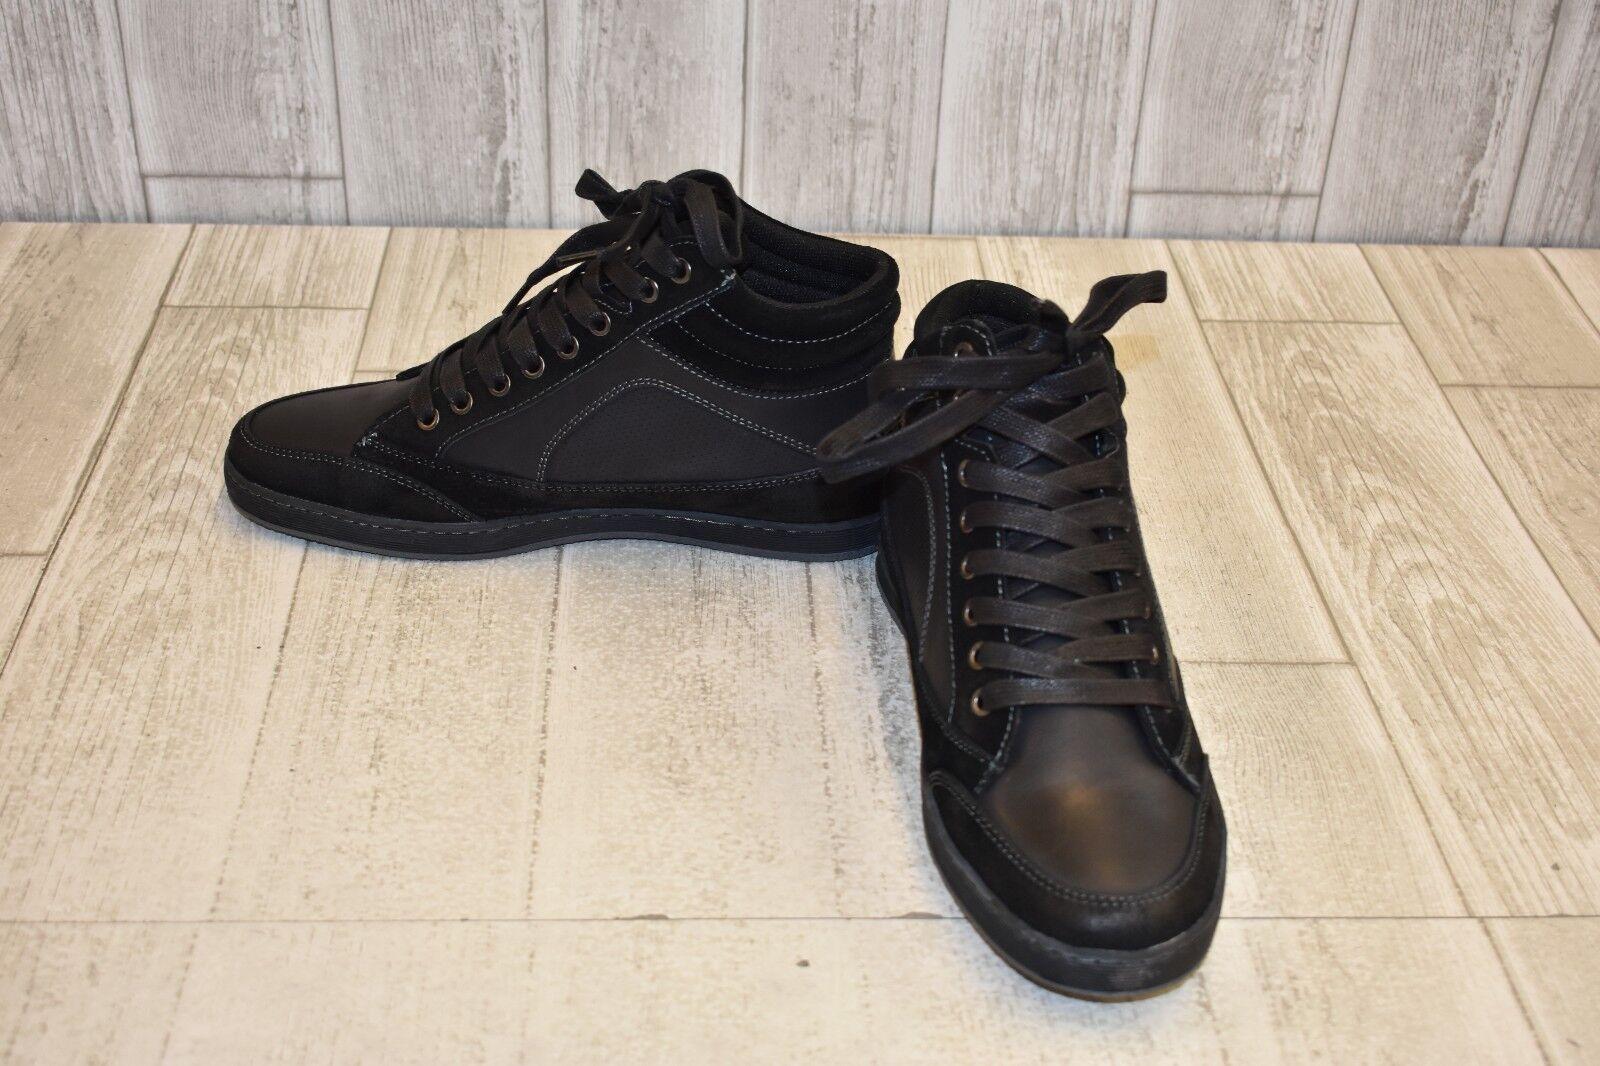 Steve Madden Peyson Casual shoes - Men's Size 8 - Black